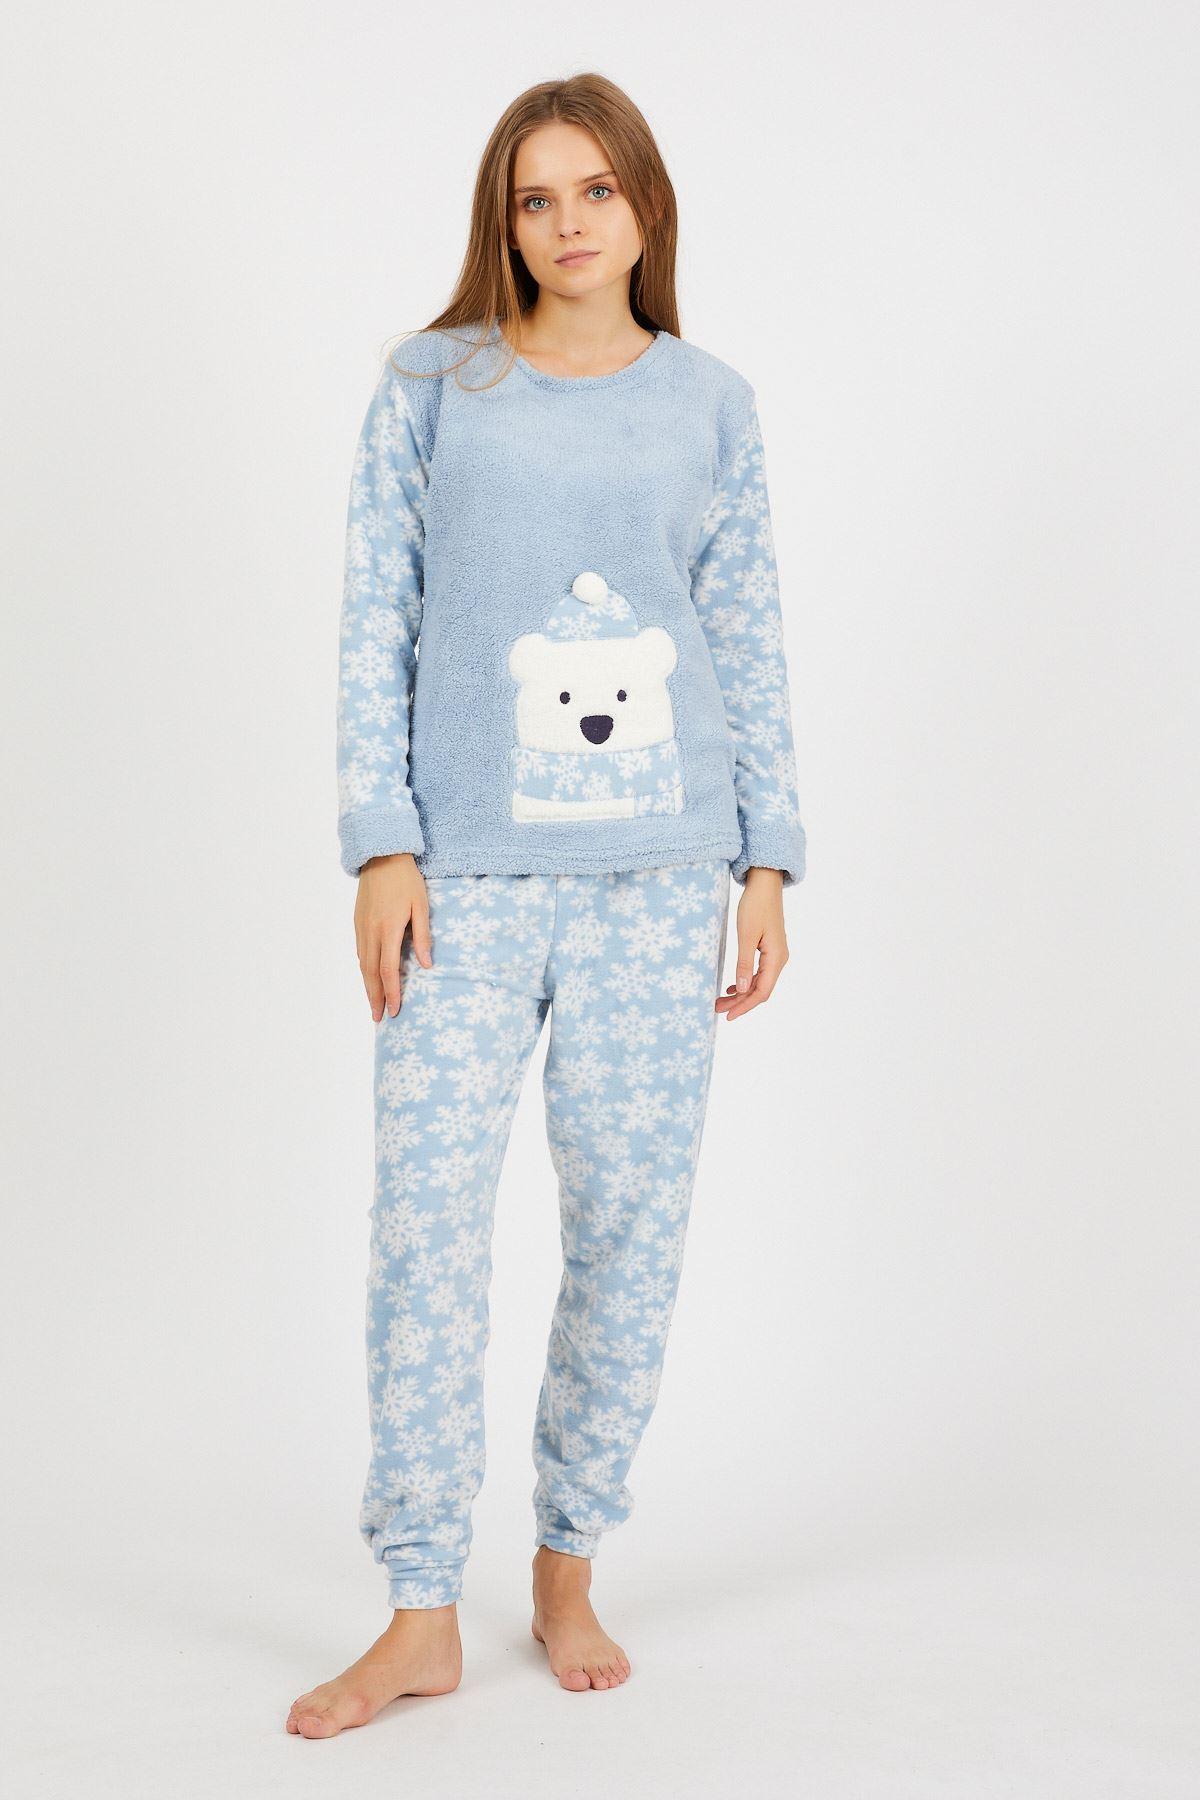 Baskılı Polar Pijama Takımı